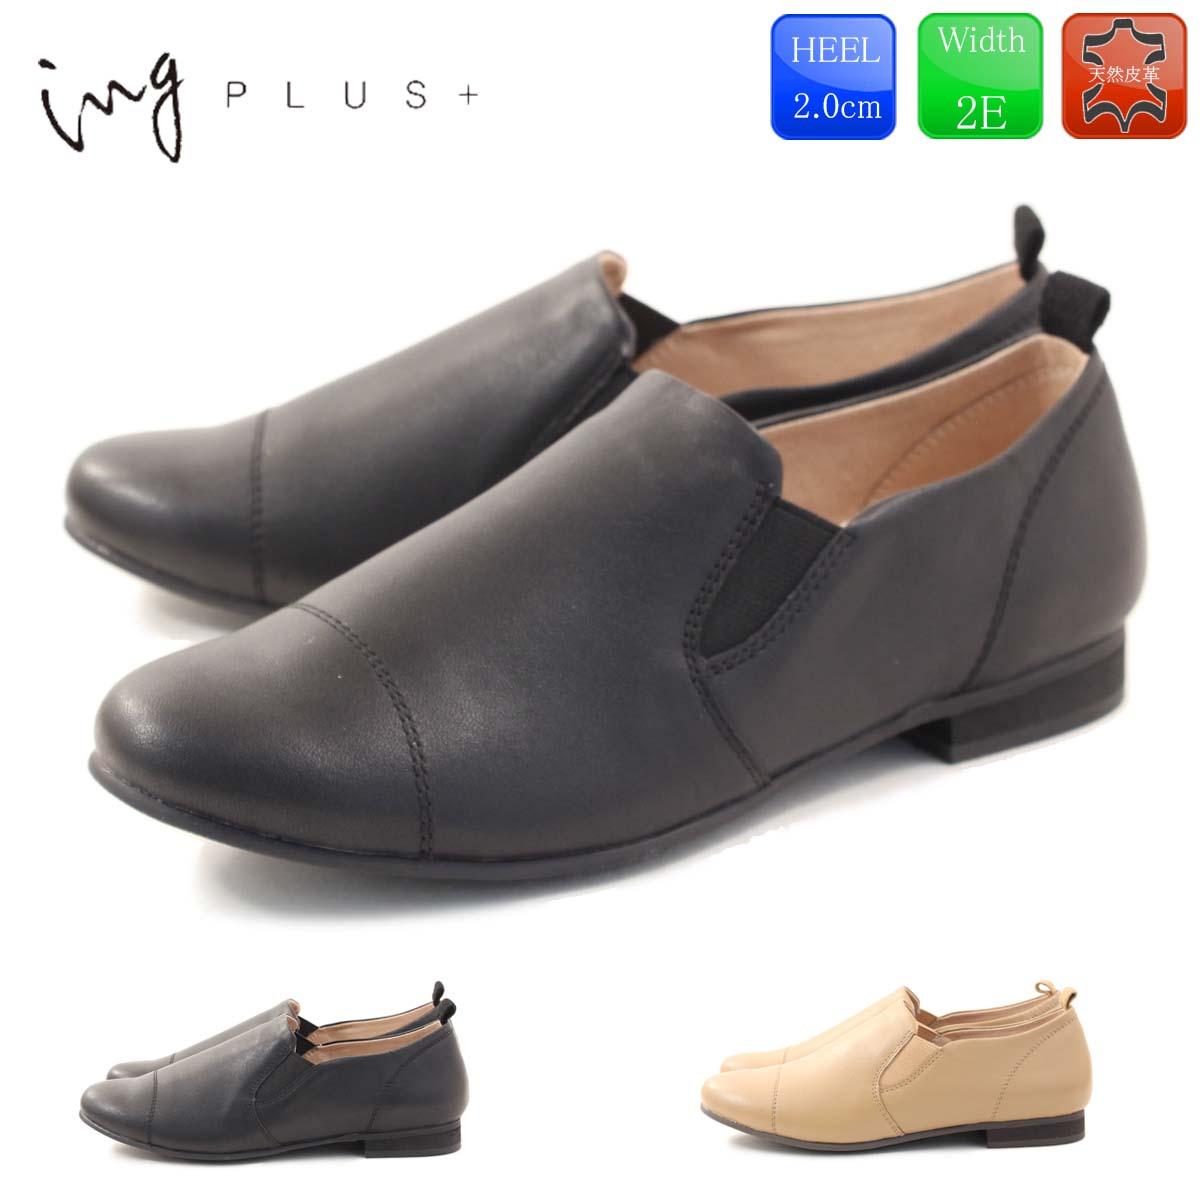 【イングプラス ing PLUS+】【パンプス】 スリッポン フラット パンプス 靴 痛くない 履きやすい 本革 天然皮革 ing2109 ING2109 IPLC02109